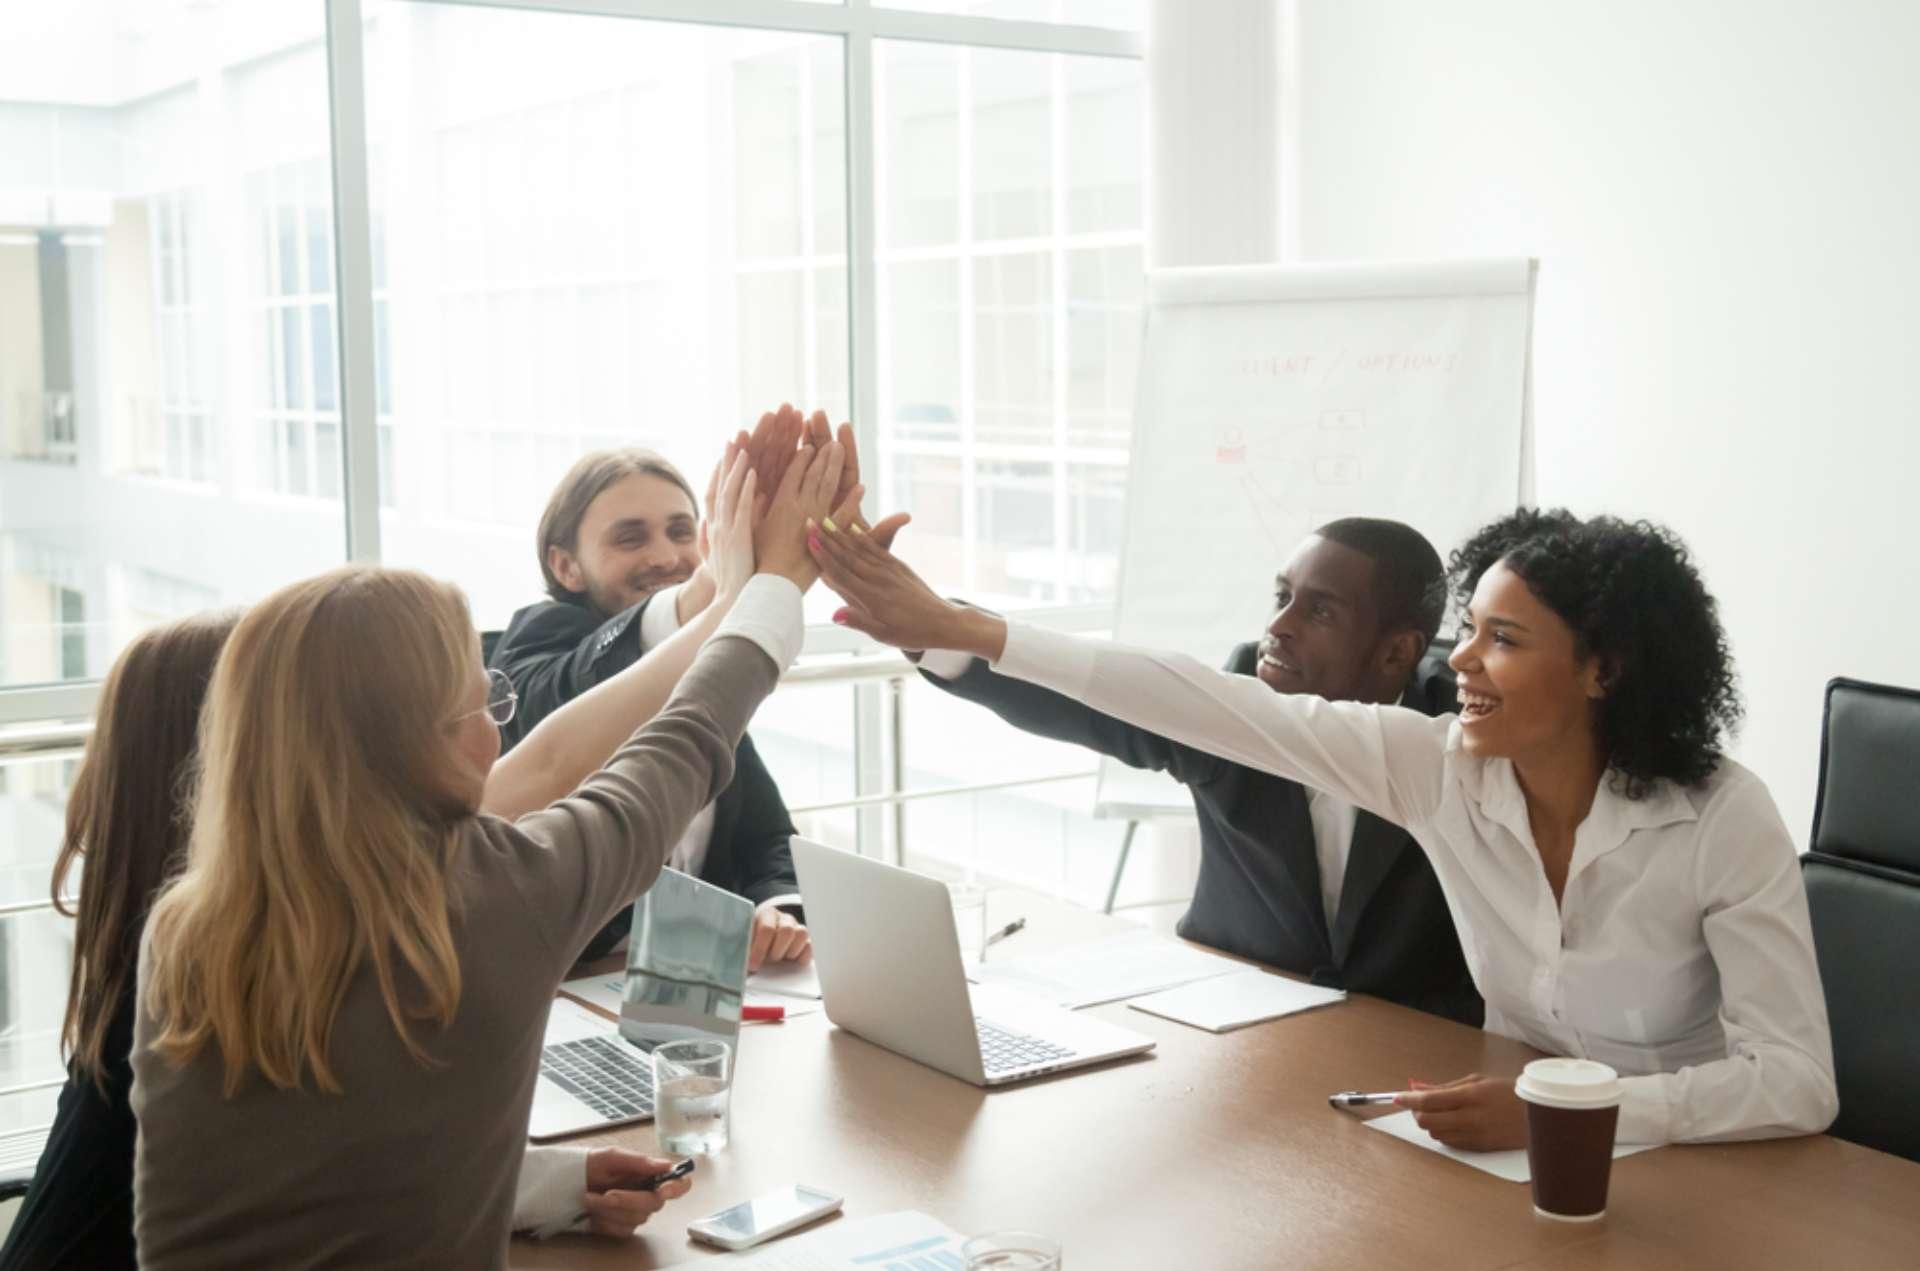 Porquê Você Deve Investir na Gamificação em Treinamentos Corporativos